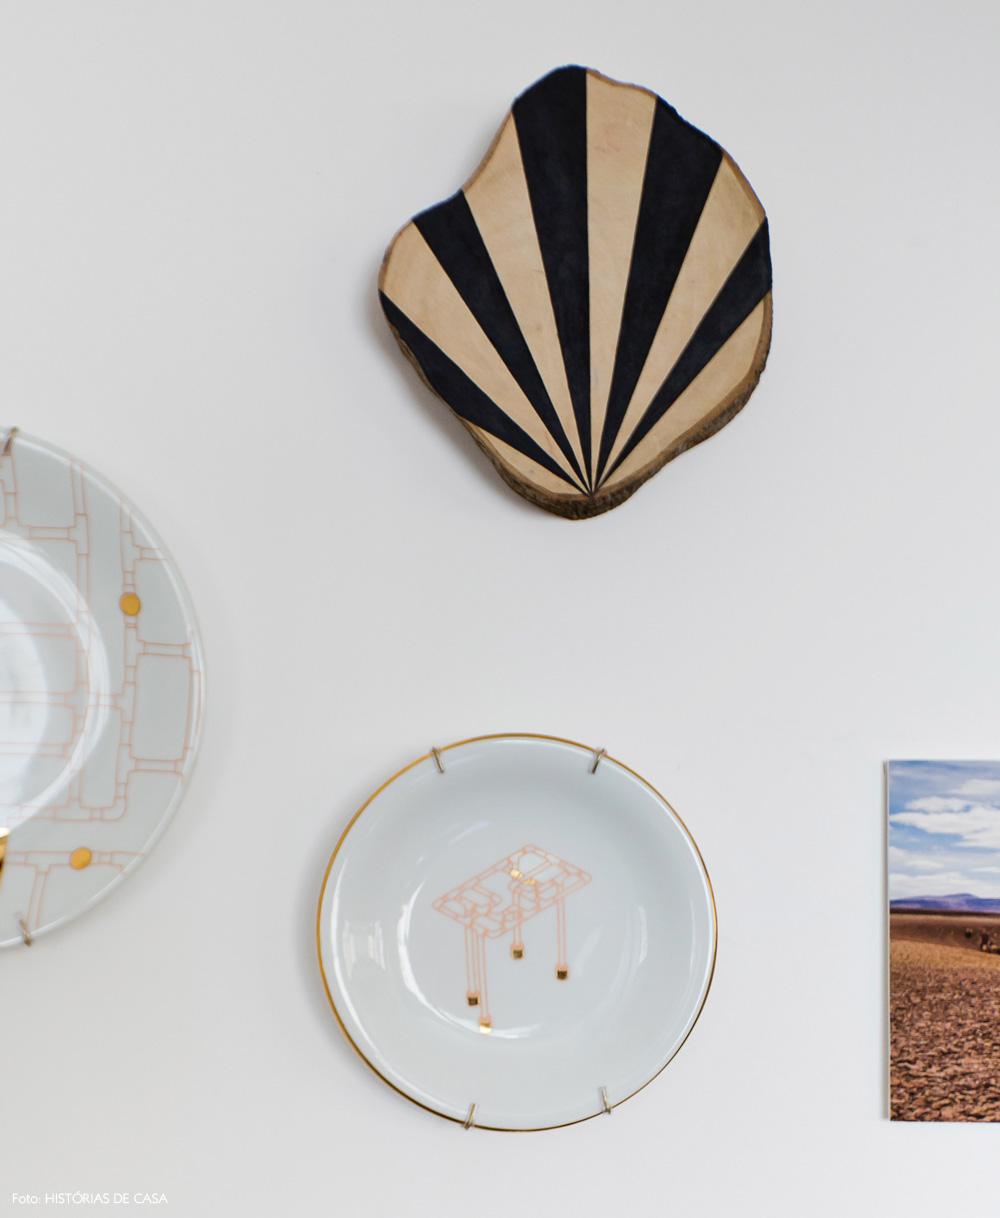 05-decoracao-pratos-de-parede-detalhes-enfeites